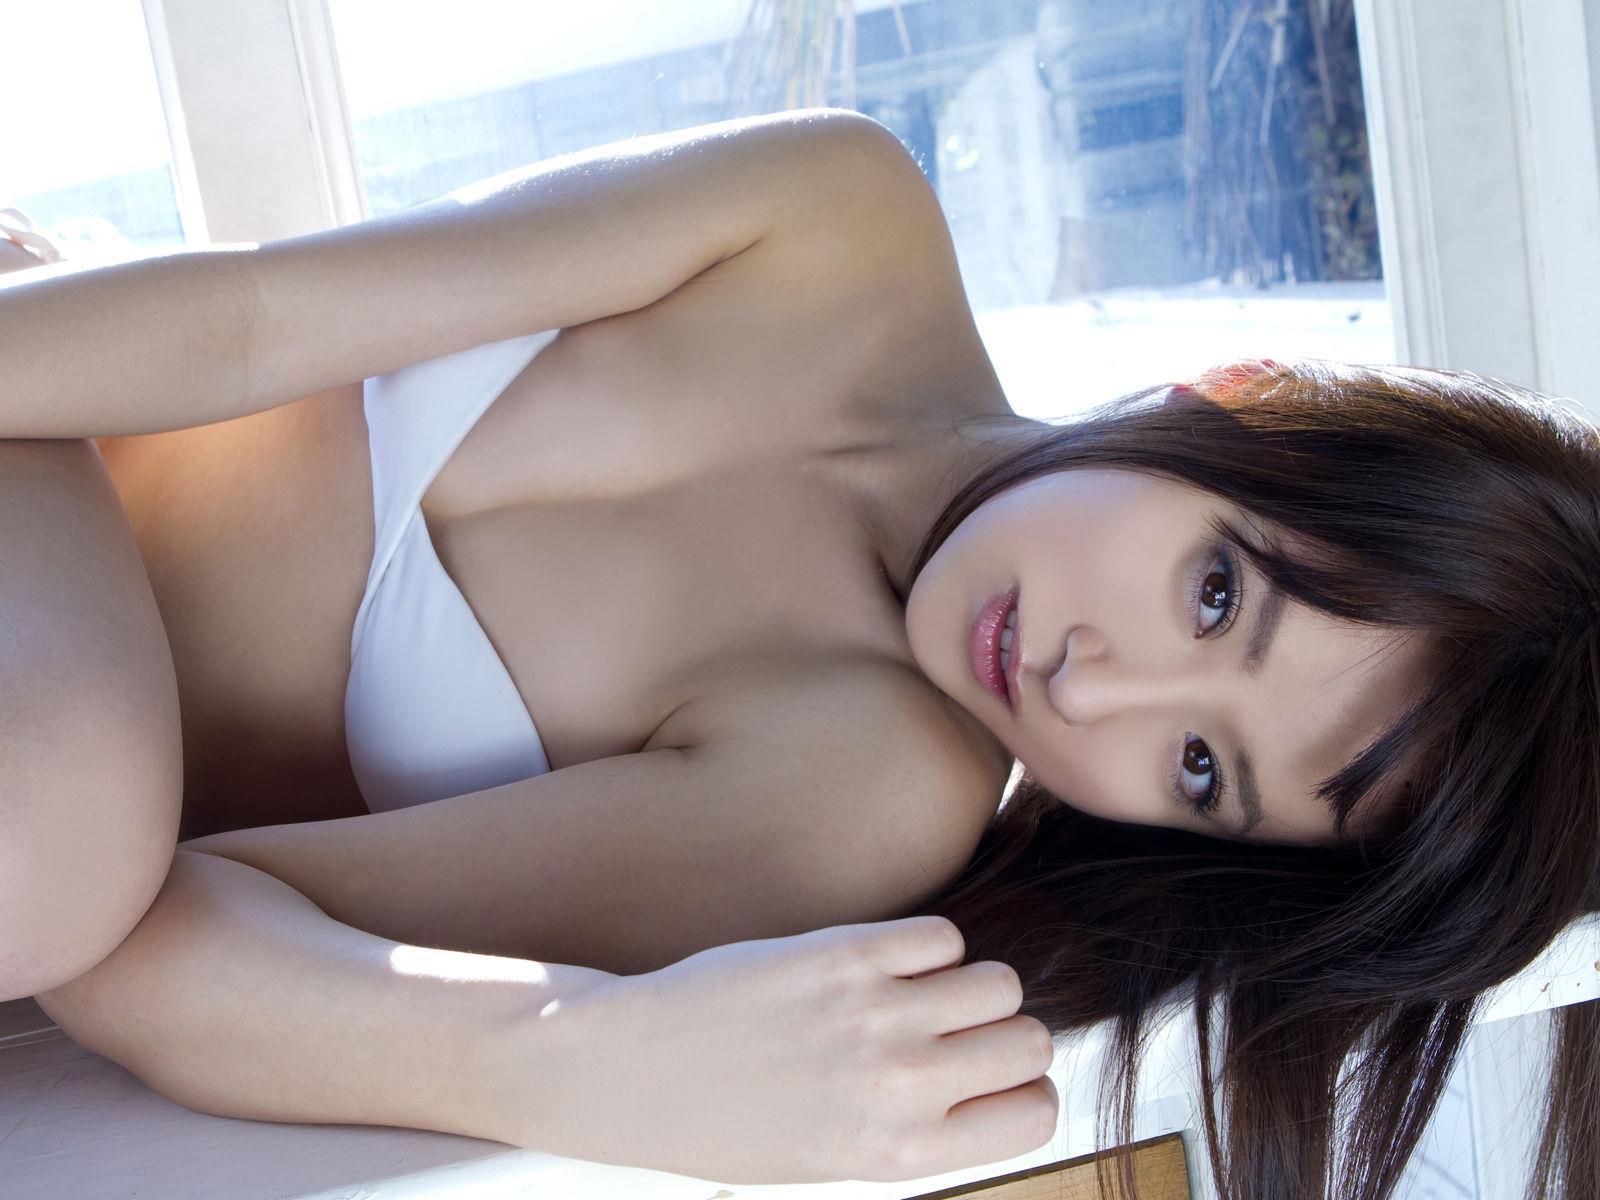 乃木坂46 衛藤美彩 エロ画像 74